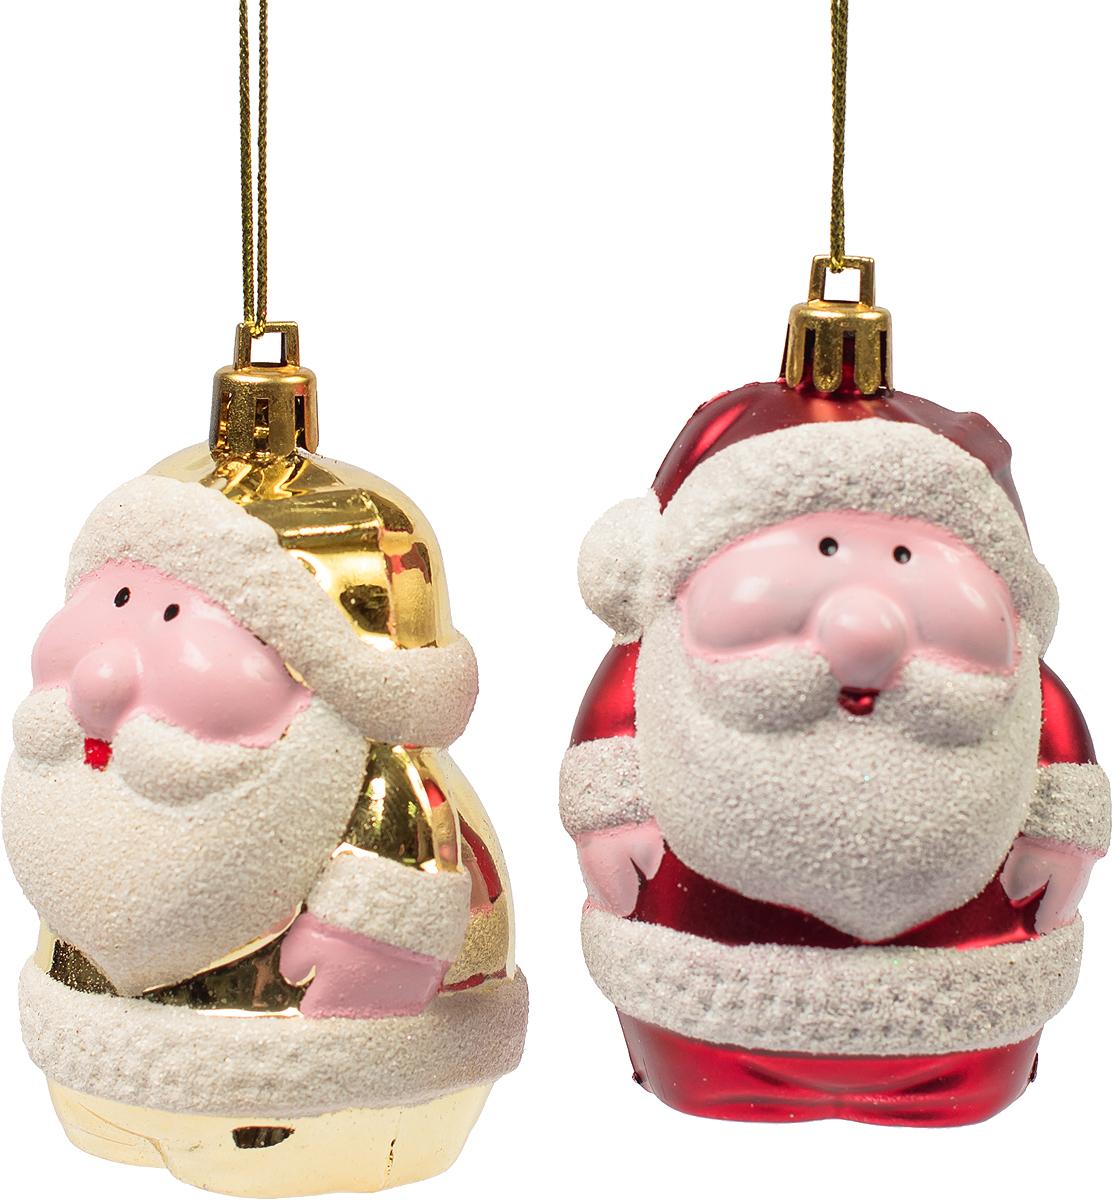 Украшение новогоднее подвесное Magic Time, 2 шт. 7544675446Новогоднее подвесное украшение, выполненное из пластика, в виде фигурки Деда Мороза.В наборе 2 шт.